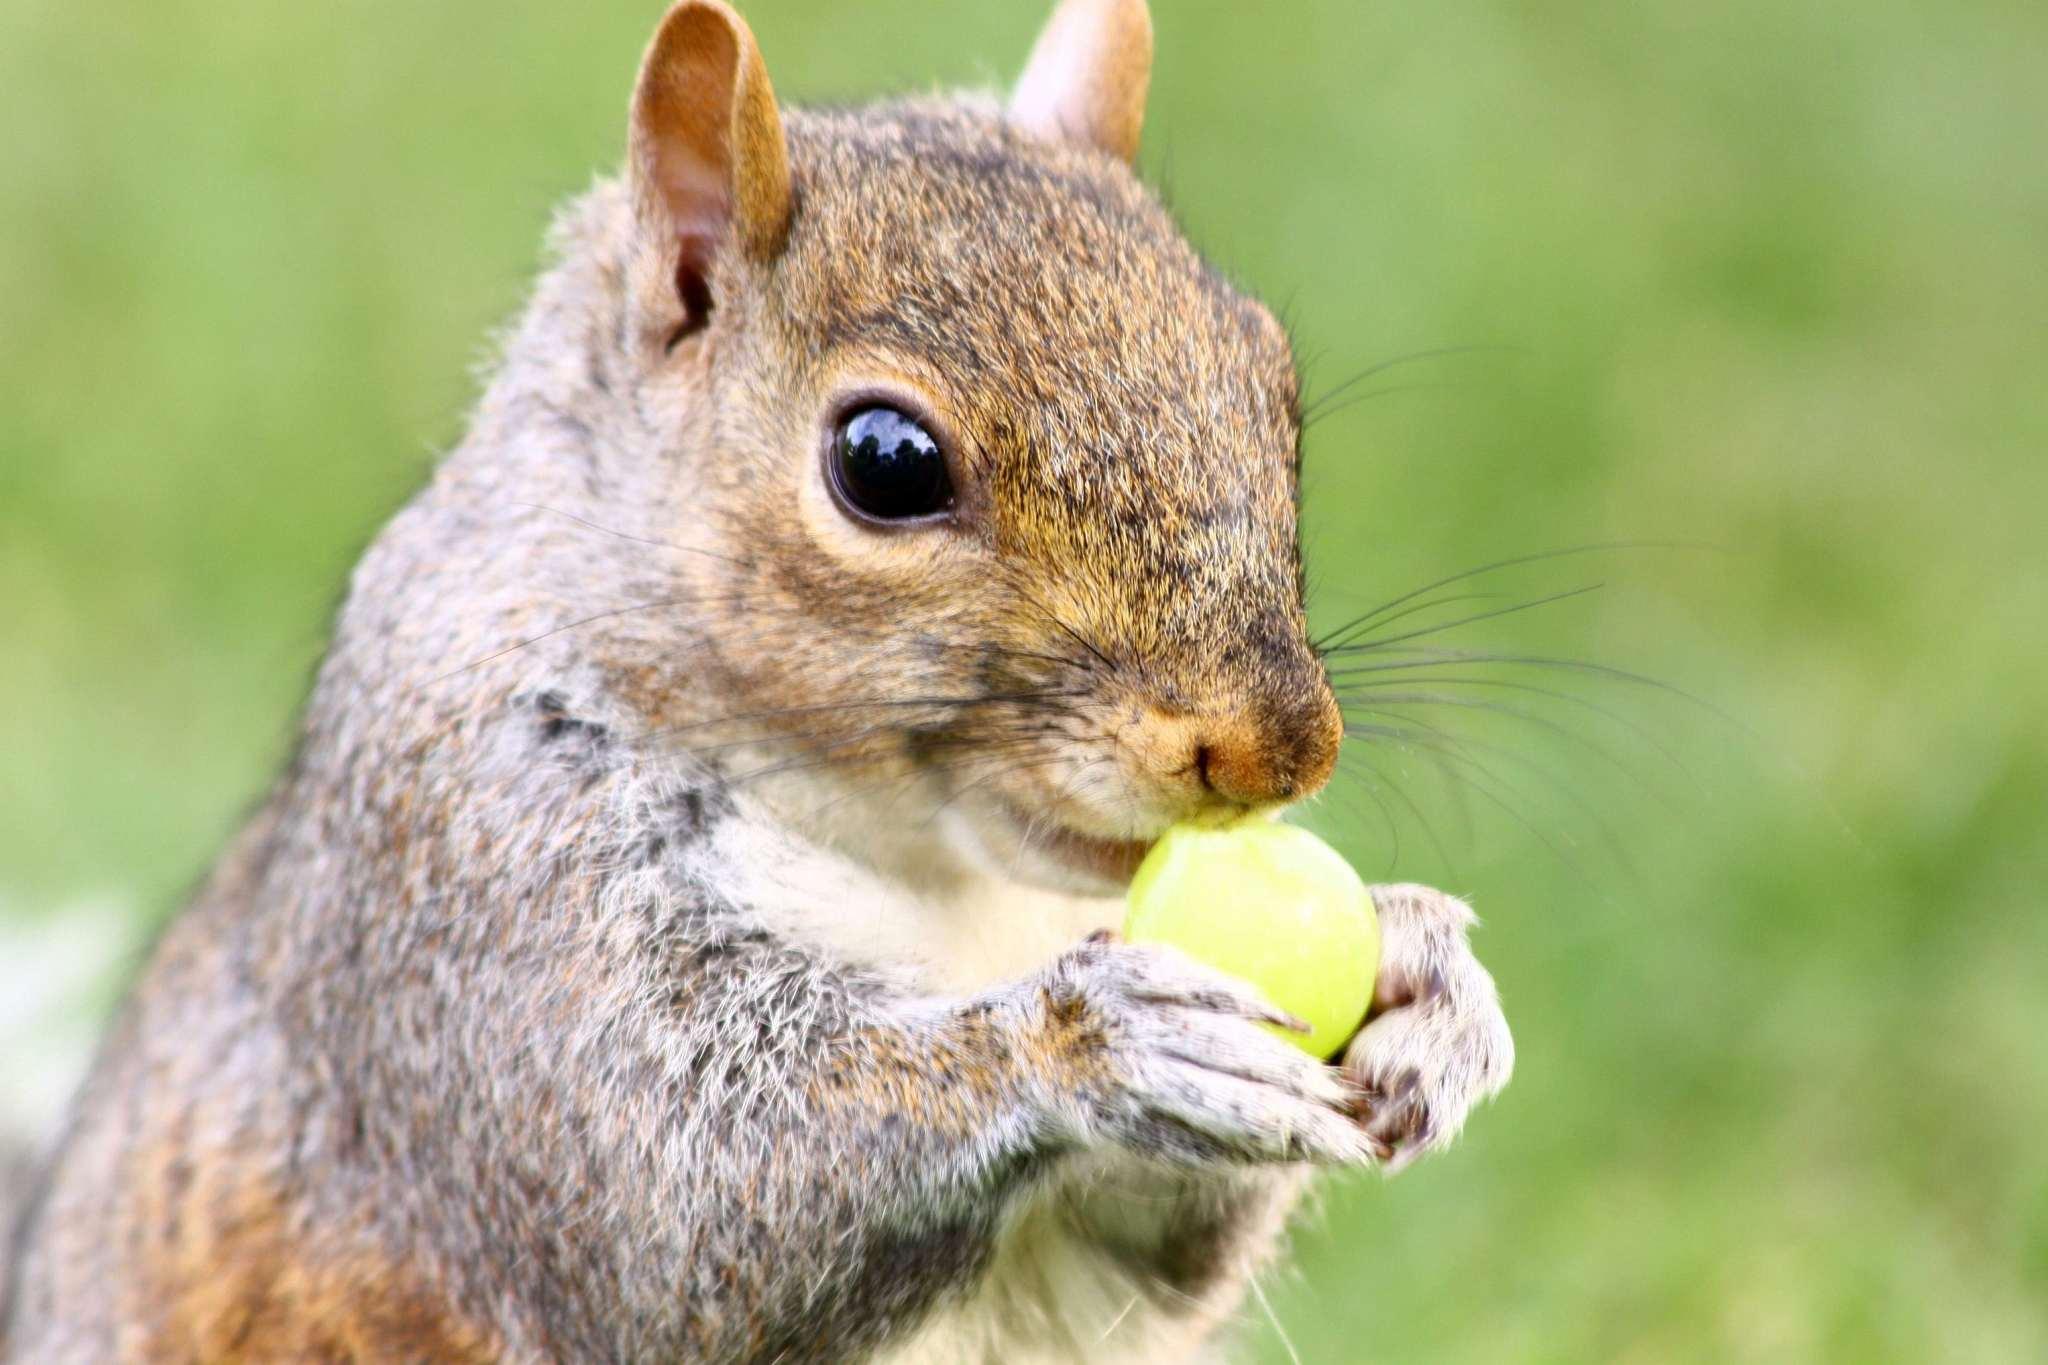 Squirrel vs Grape